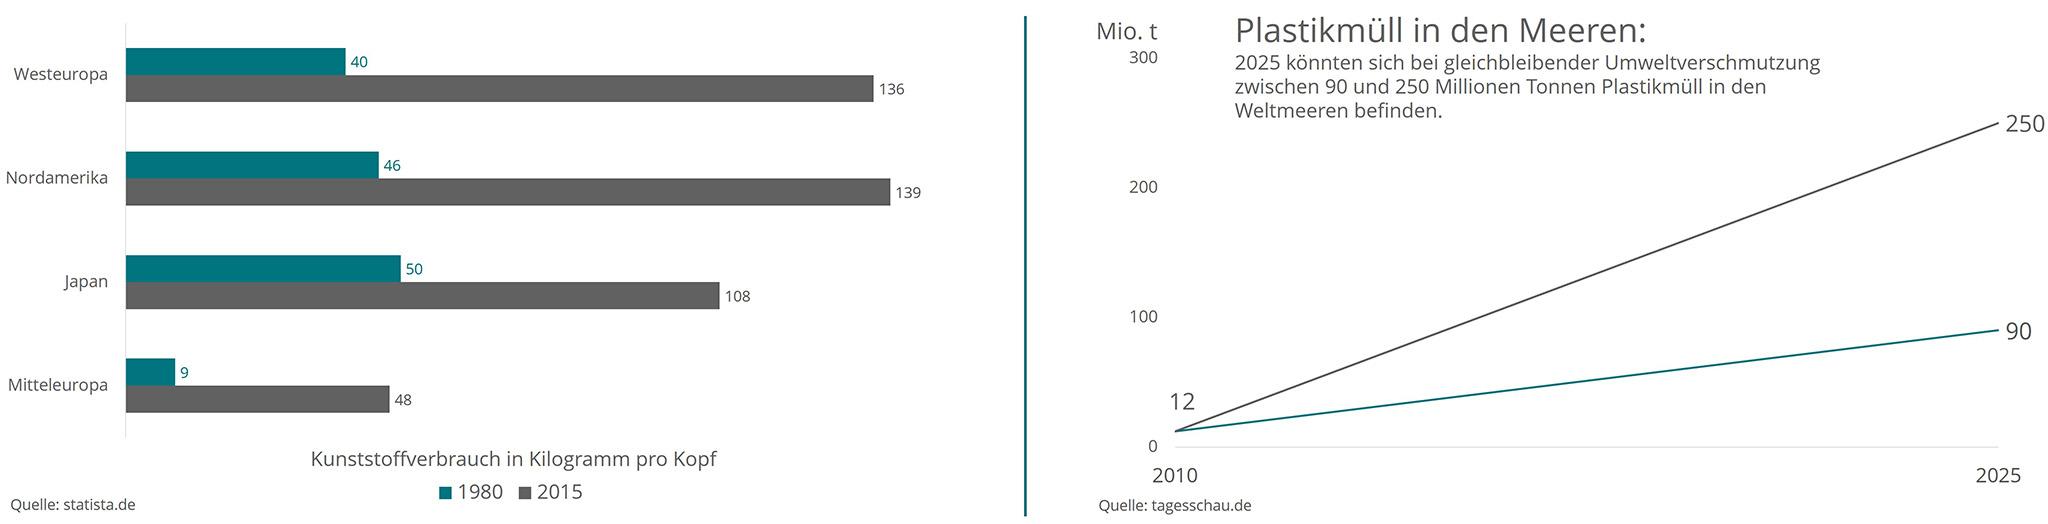 Plastik Meer, Umweltveränderung, Umweltverschmutzung, Plastikwahn, Müll